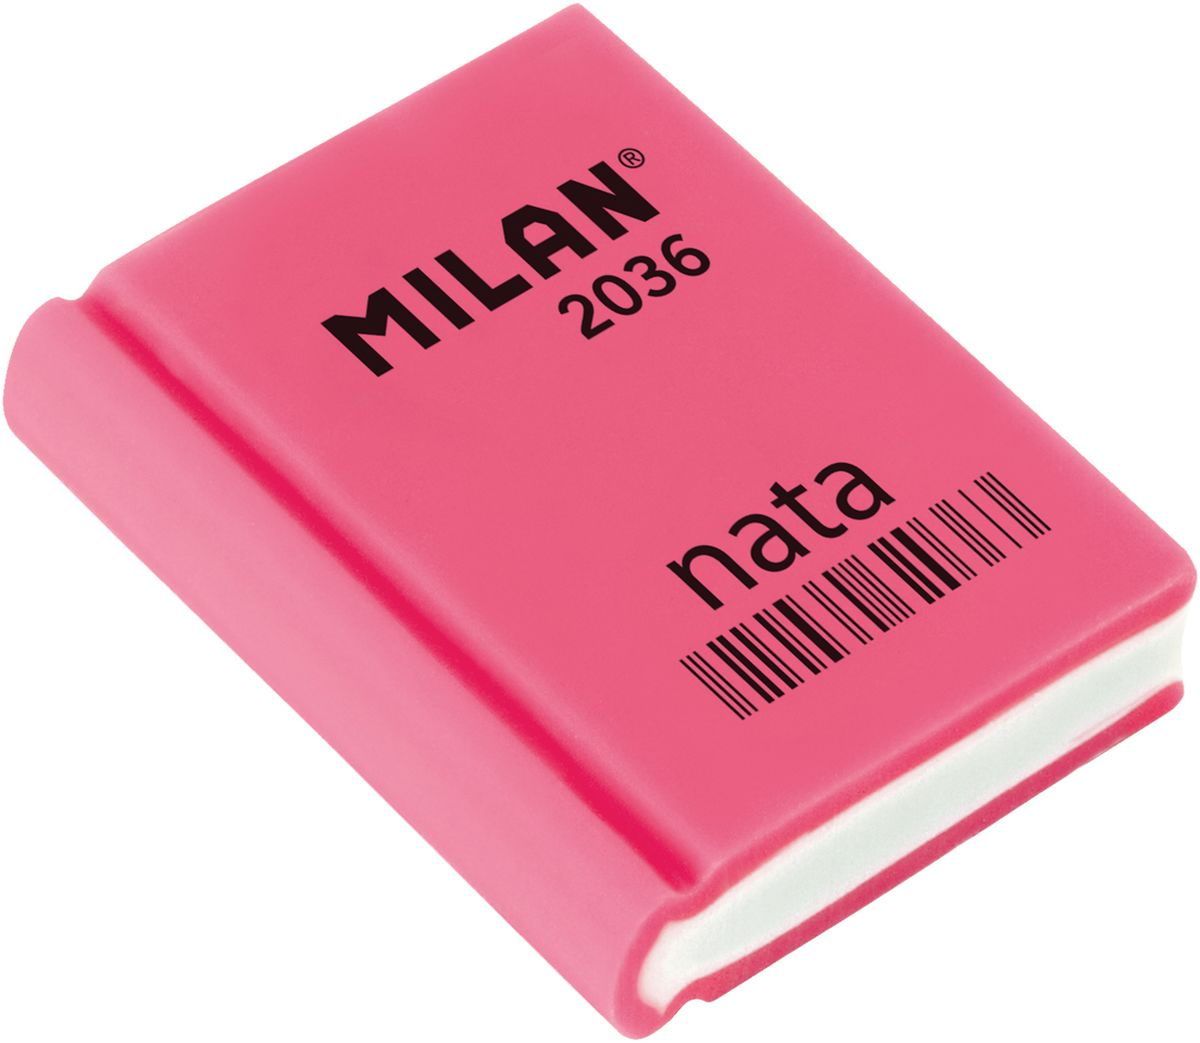 Milan Ластик Nata 2036 прямоугольный цвет розовыйCPM2036Ластик Milan Nata 2036- это универсальный синтетический ластик. Широкий спектр применения. Яркие неоновые цвета, плотная структура. Высокие абсорбирующие показатели.